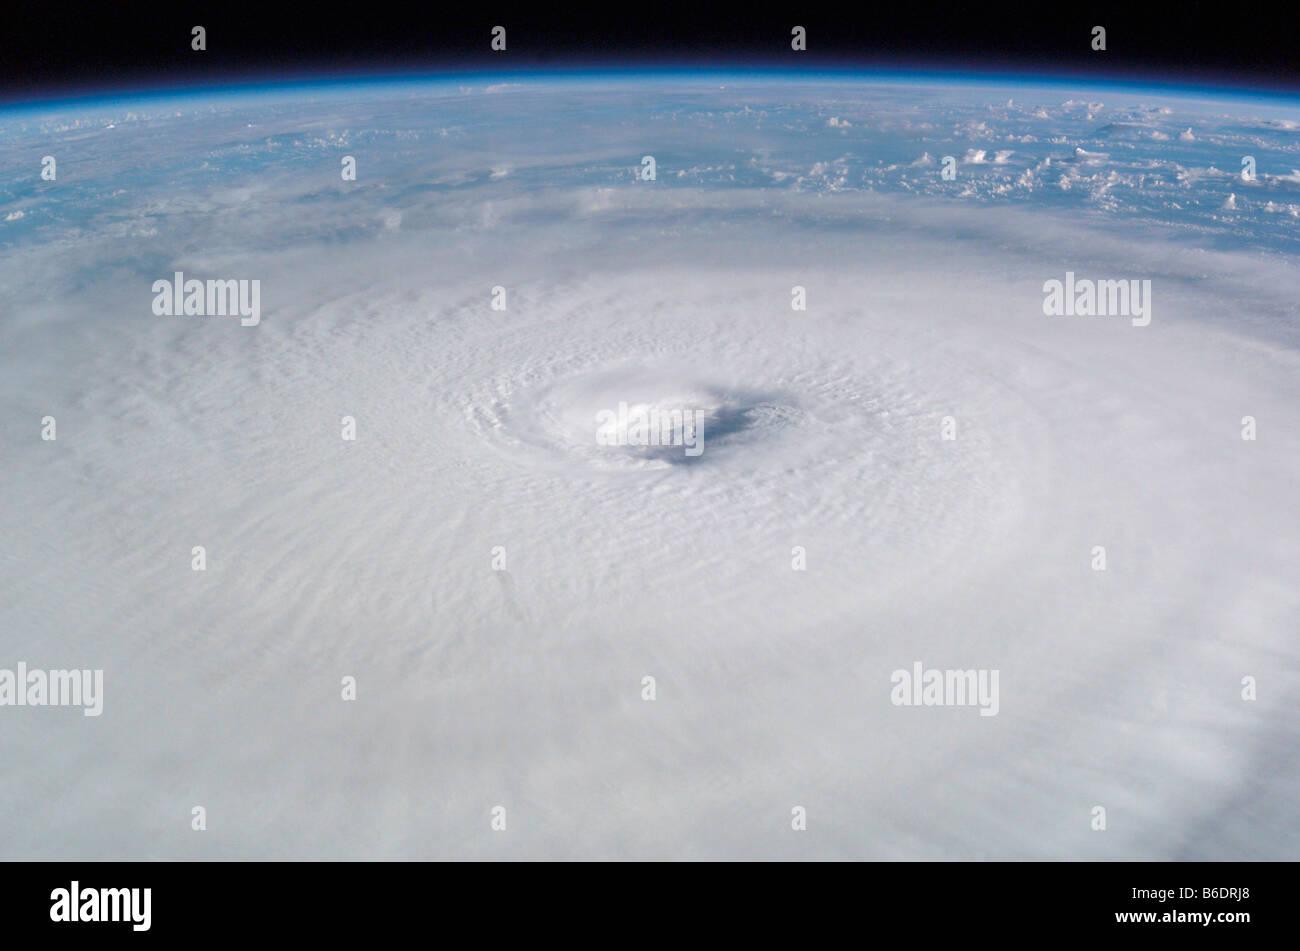 El huracán Isabel. Esta imagen fue tomada desde la Estación Espacial Internacional el 13 de septiembre de 2003. Foto de stock